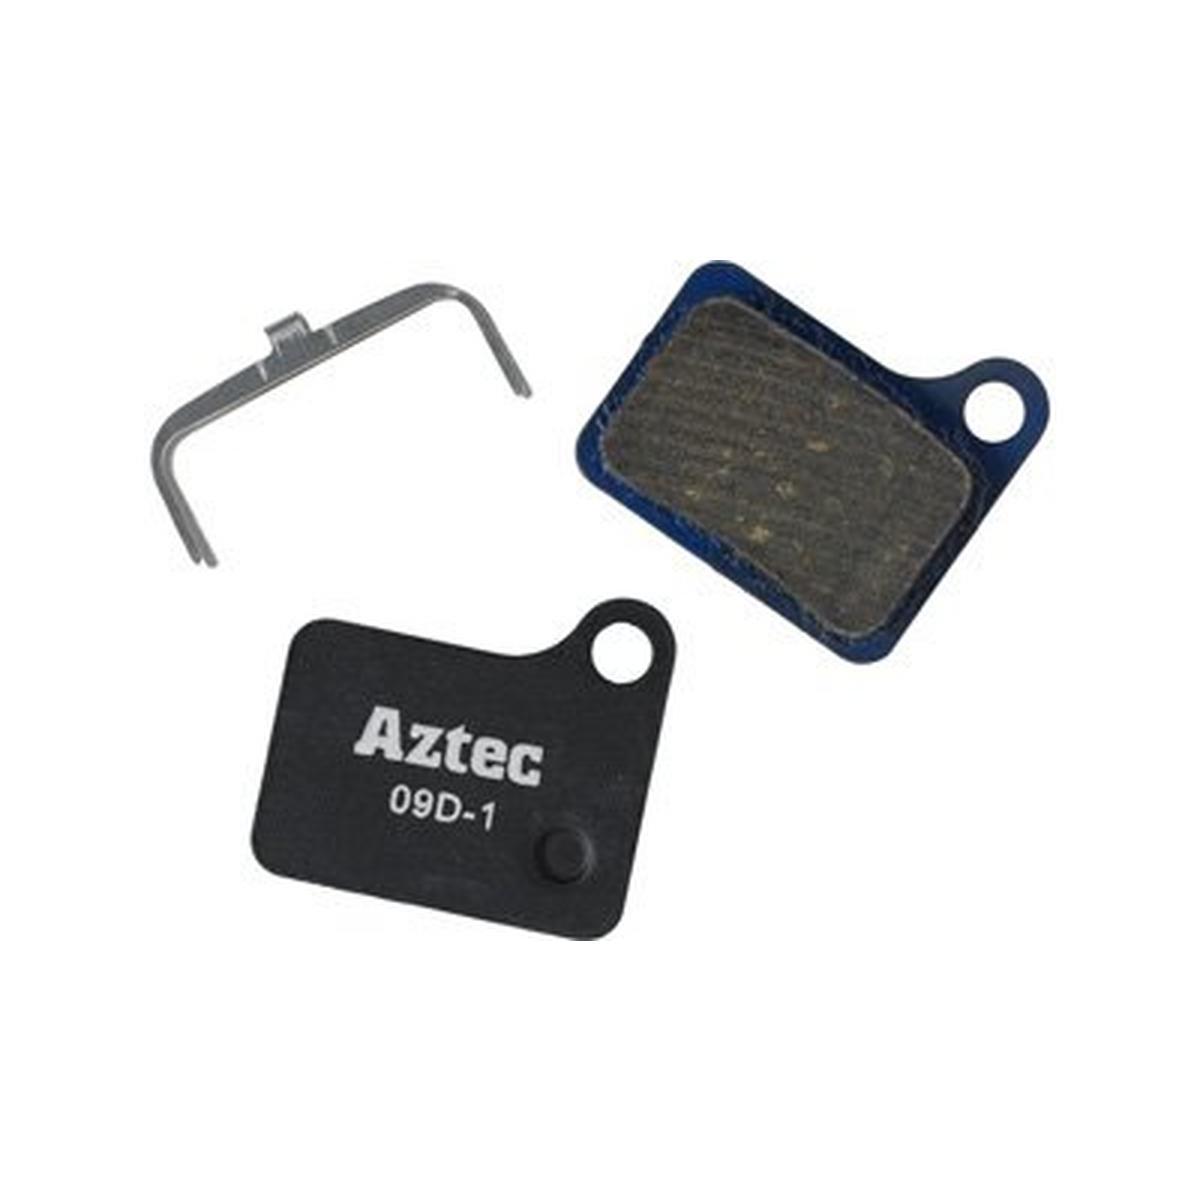 Aztec Deore 555 C900 C901